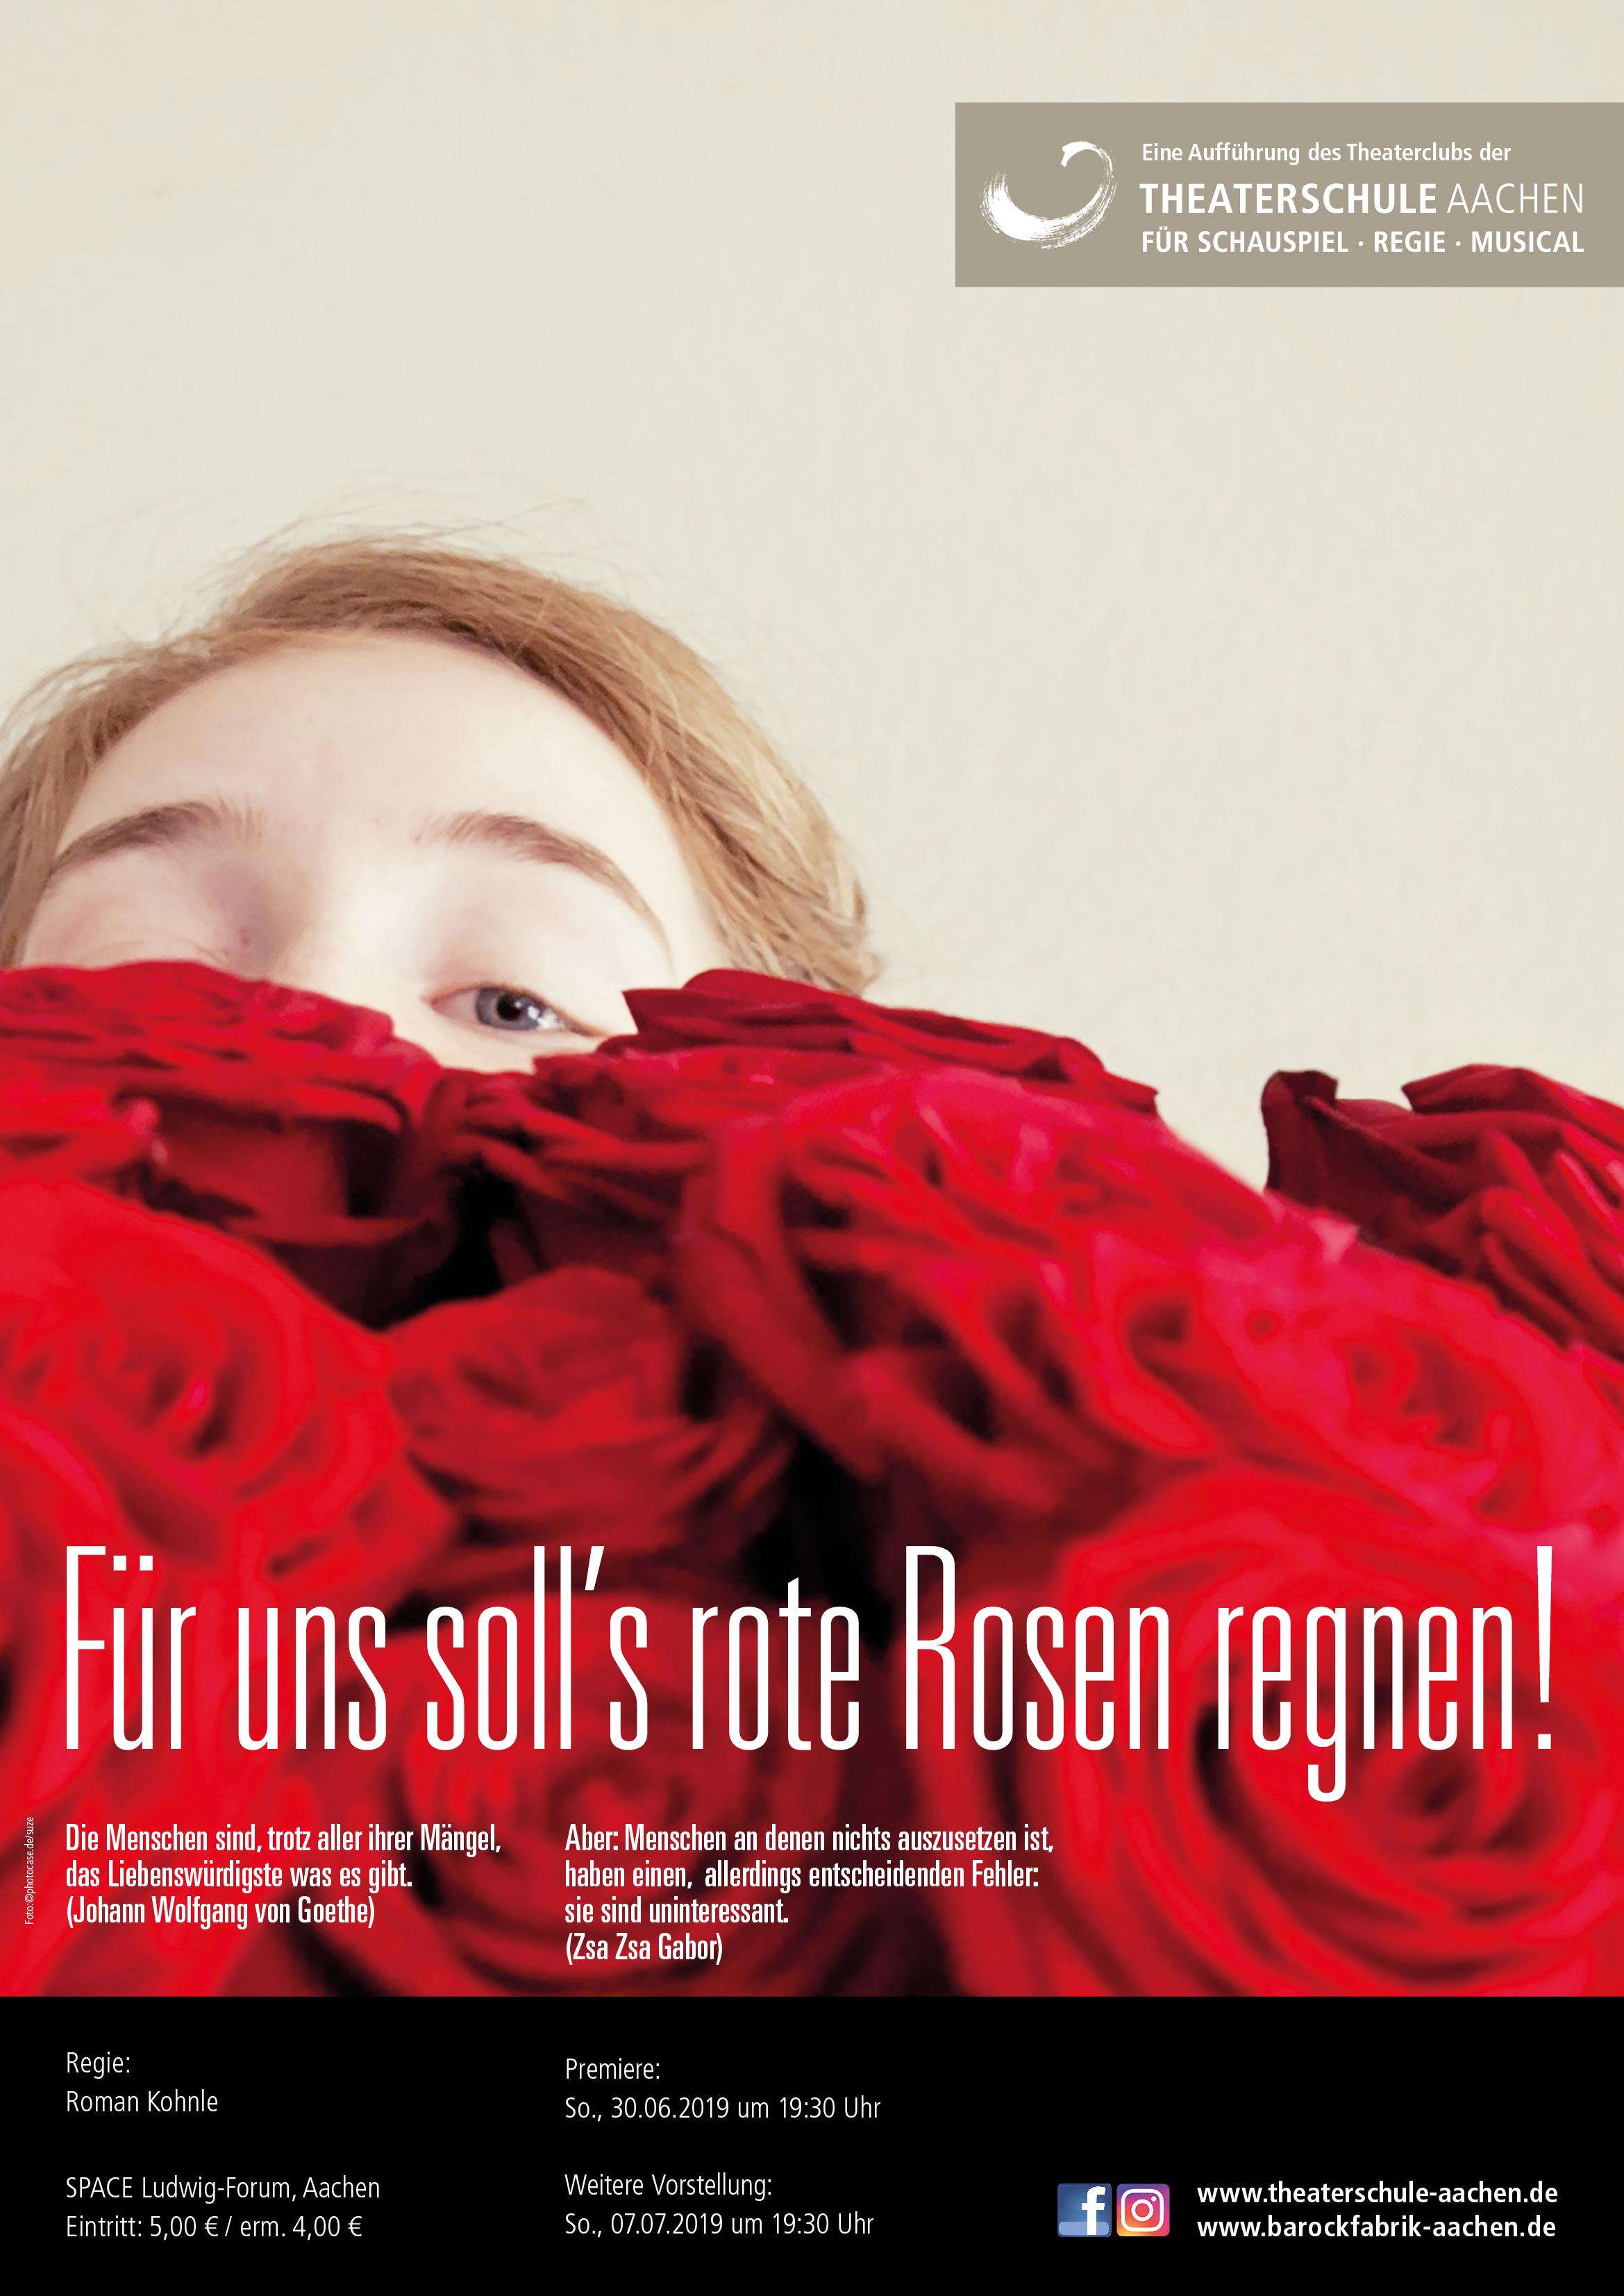 Theaterschule Aachen fürSchauspiel und Regie | Projekte